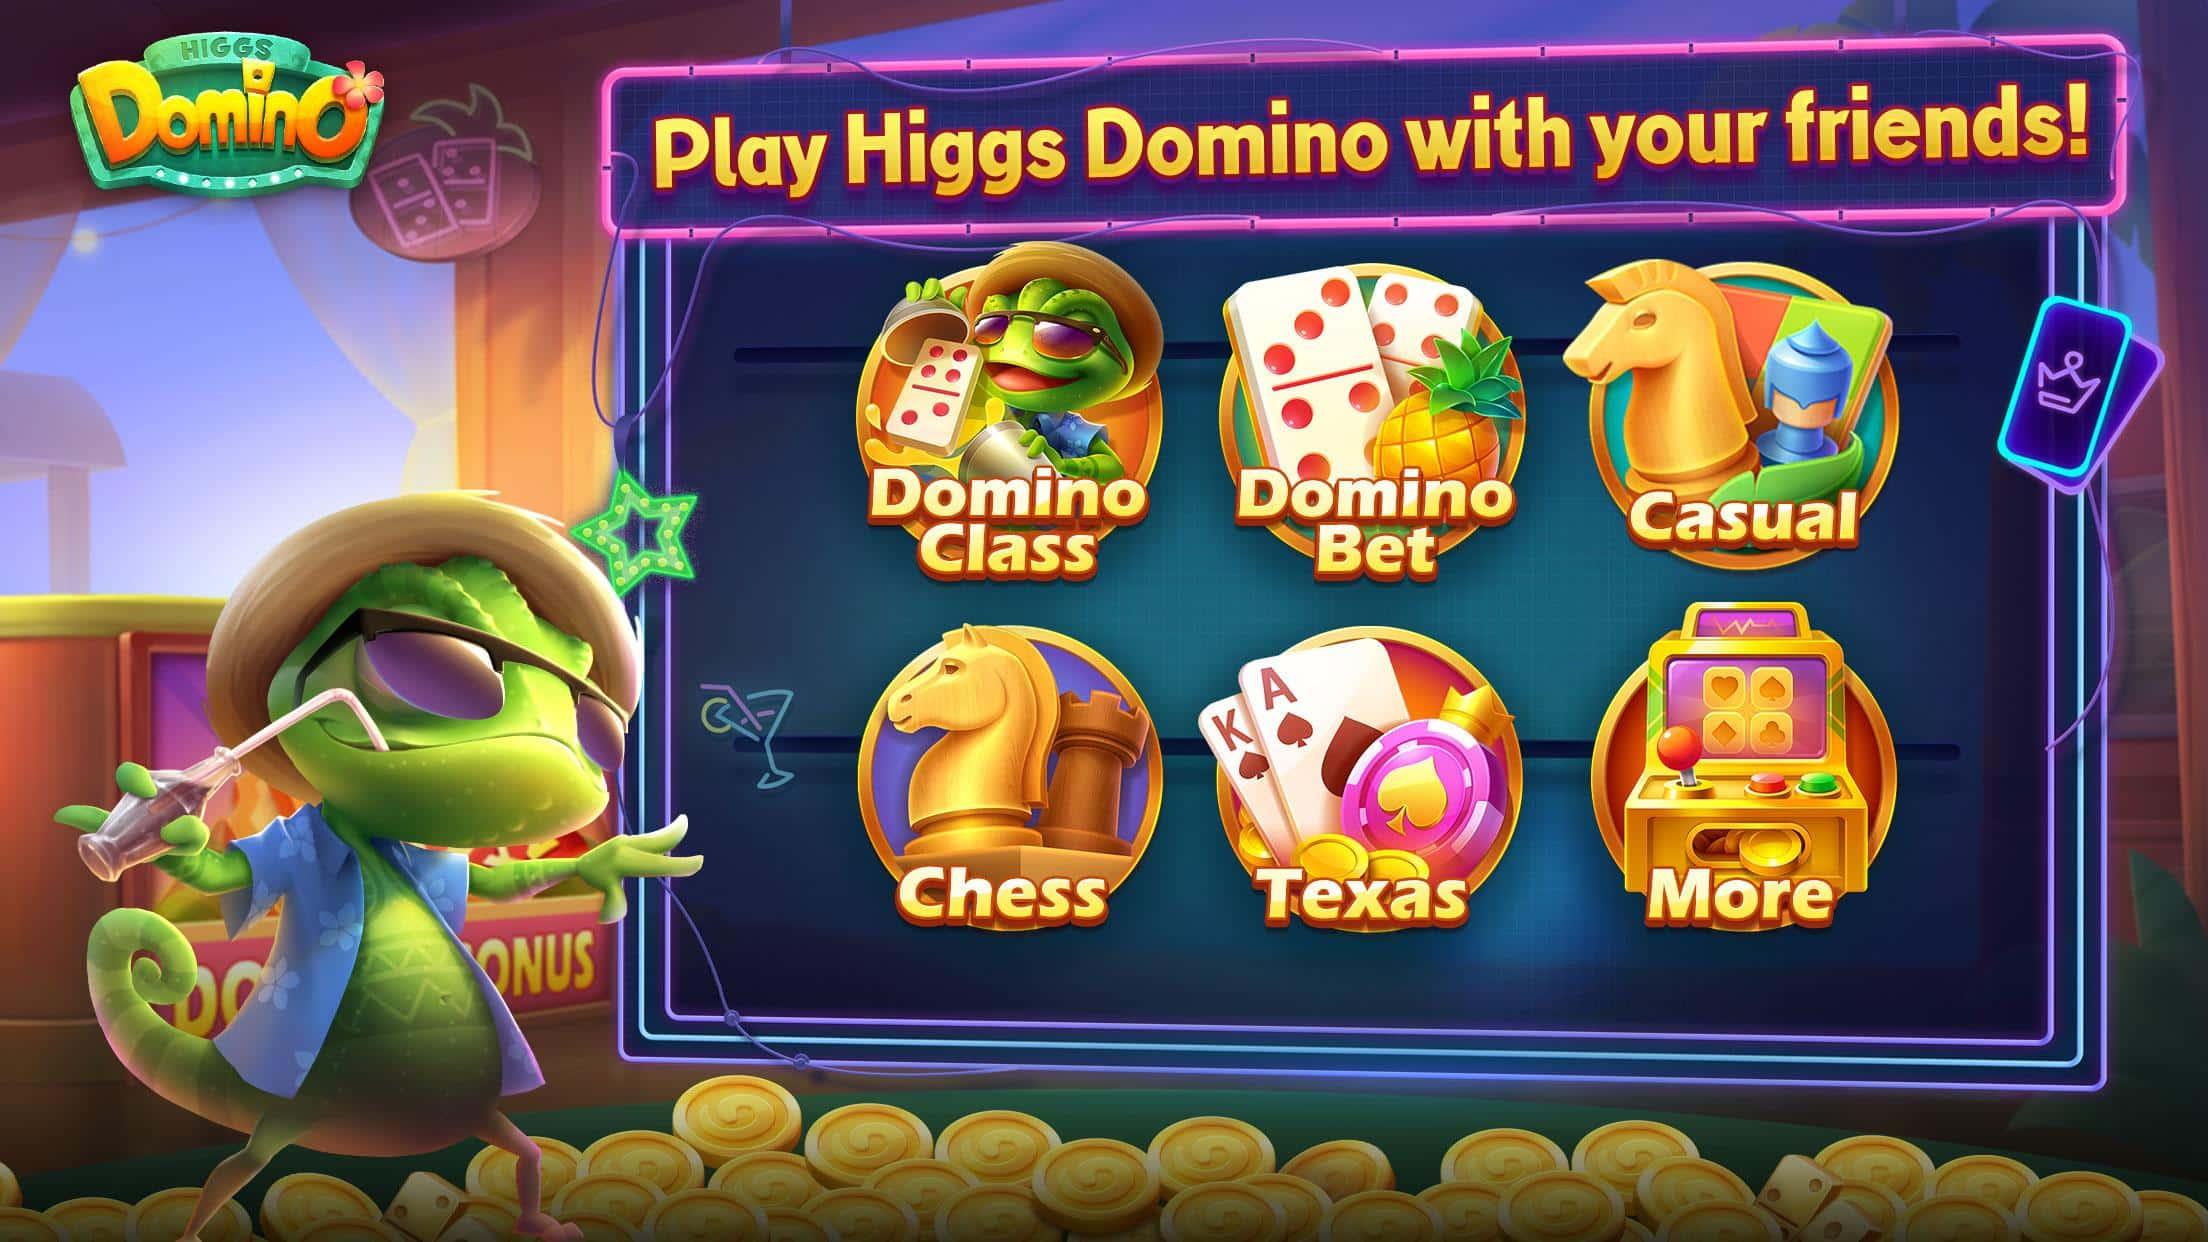 Apa-Bedanya-Game-Higgs-Domino-RP-Versi-Lama-dan-Baru